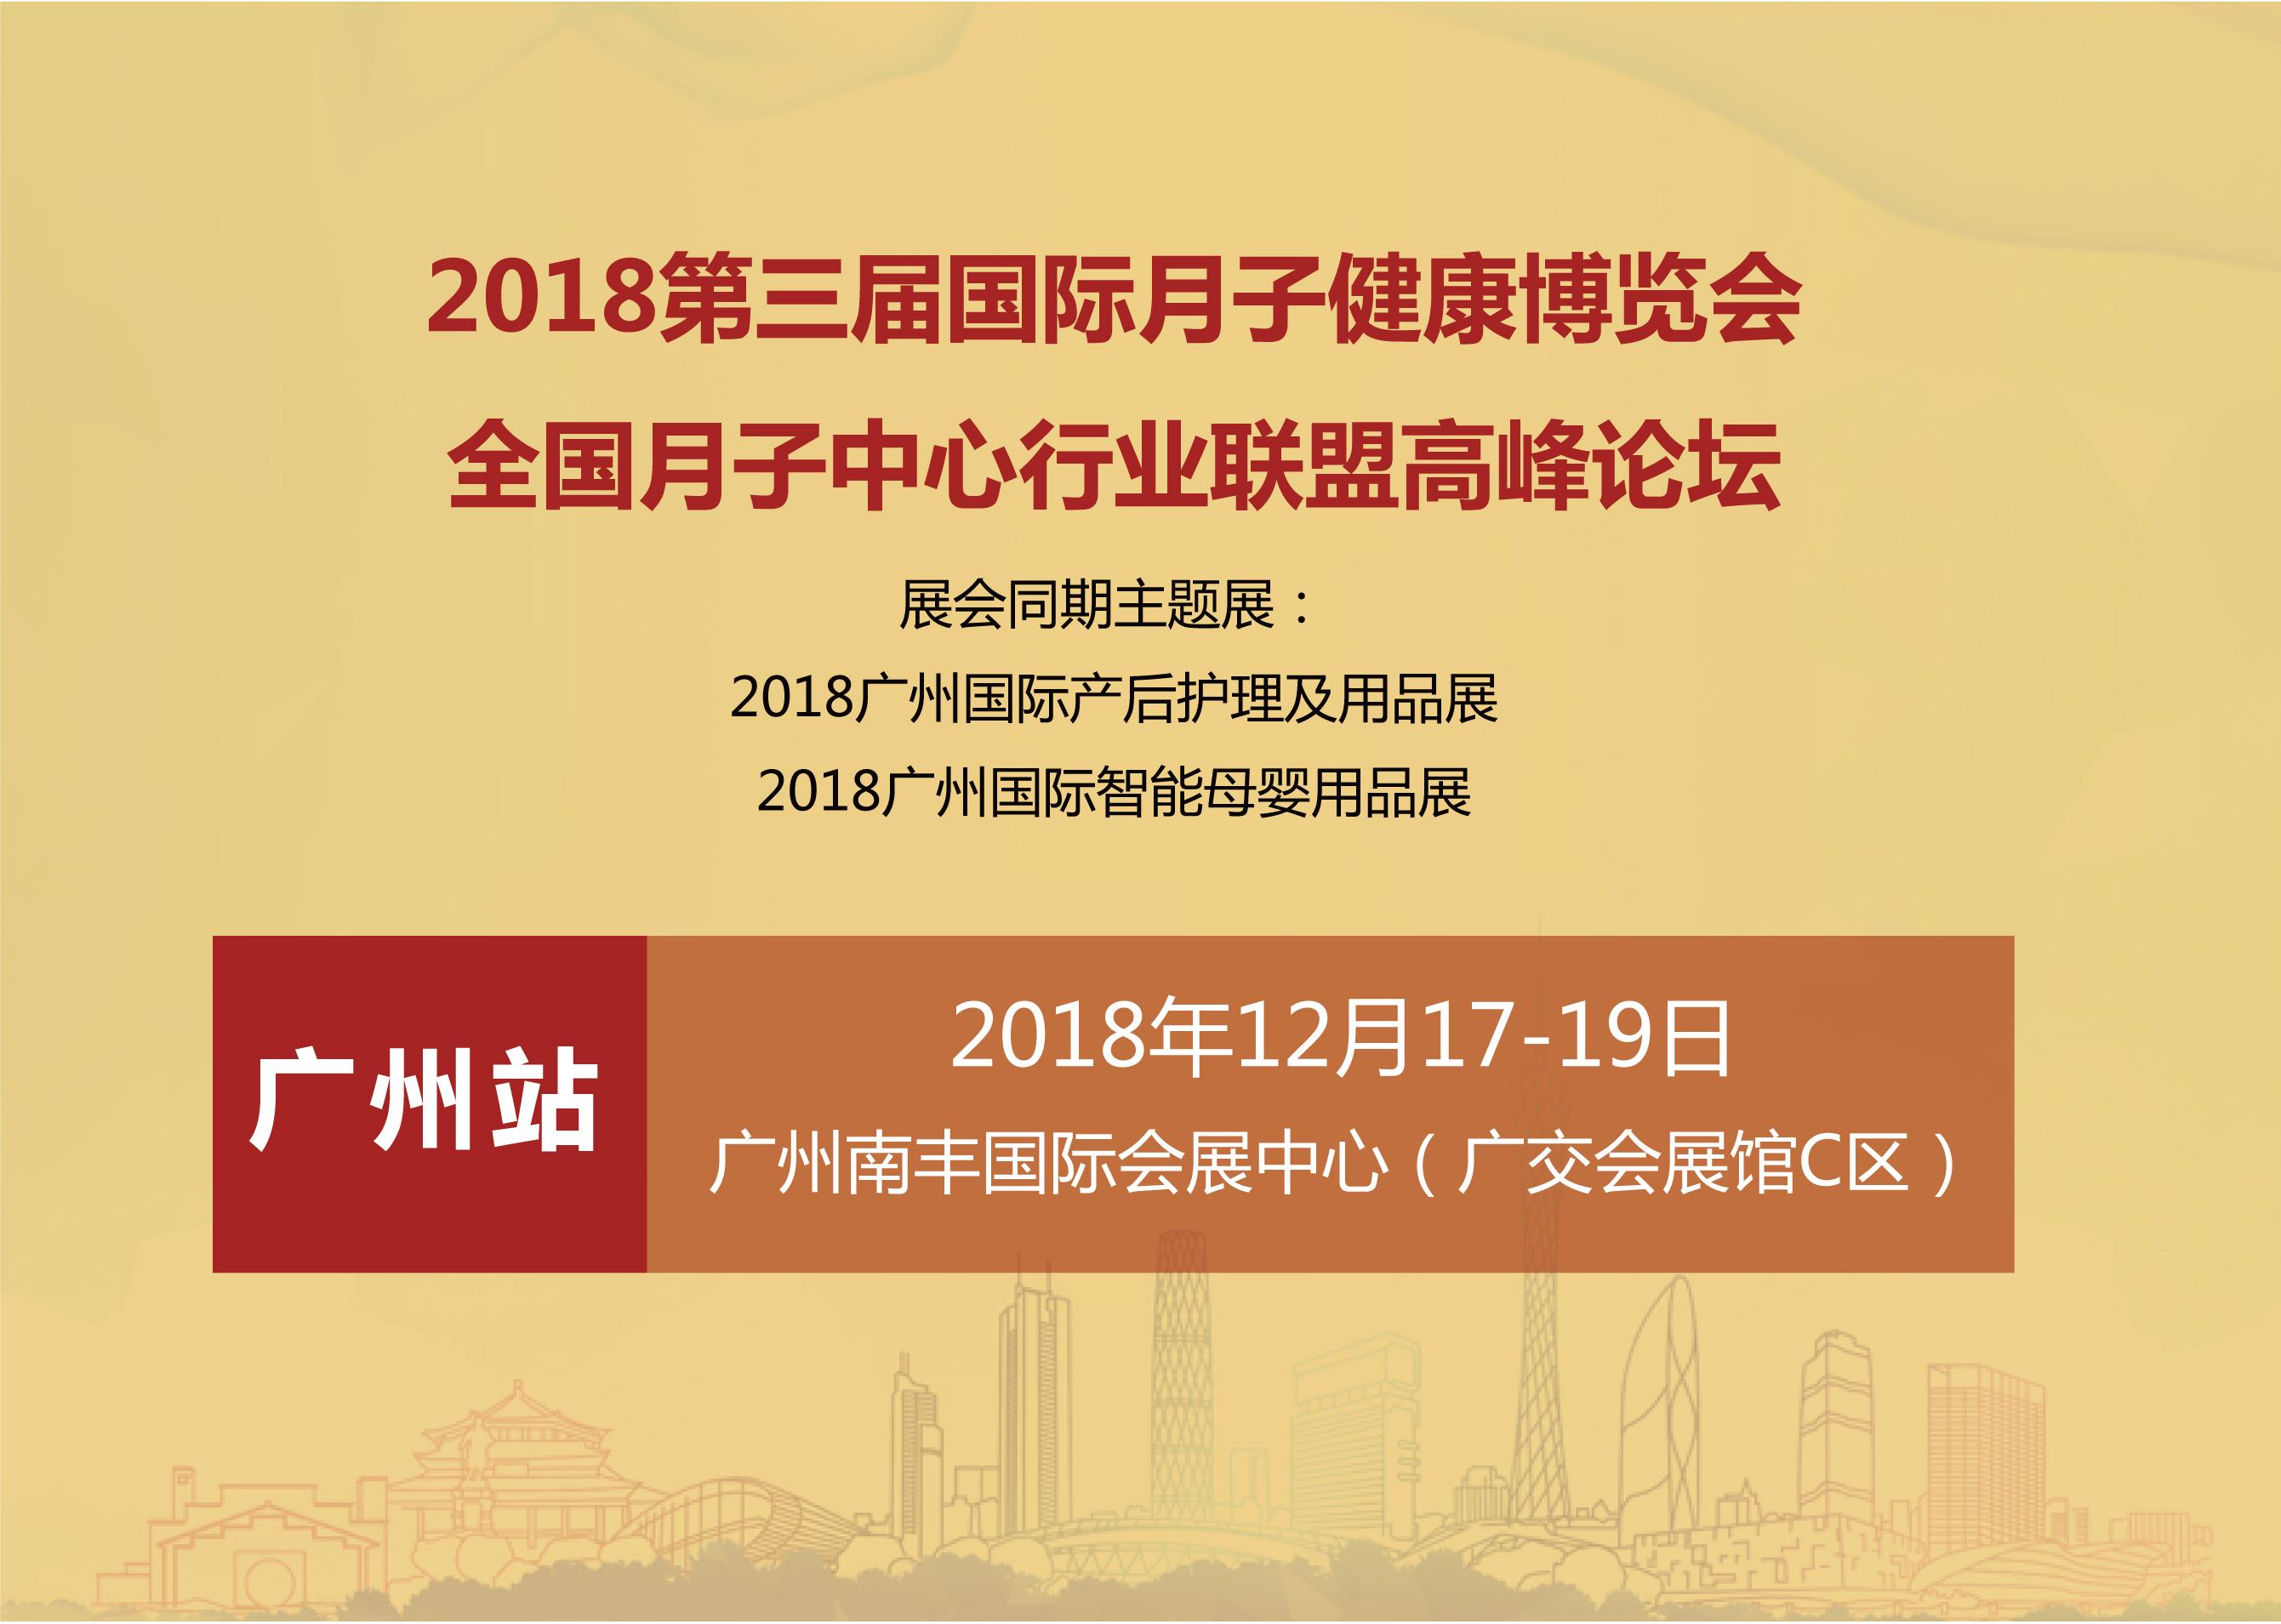 2018全国月子中心行业联盟高峰论坛